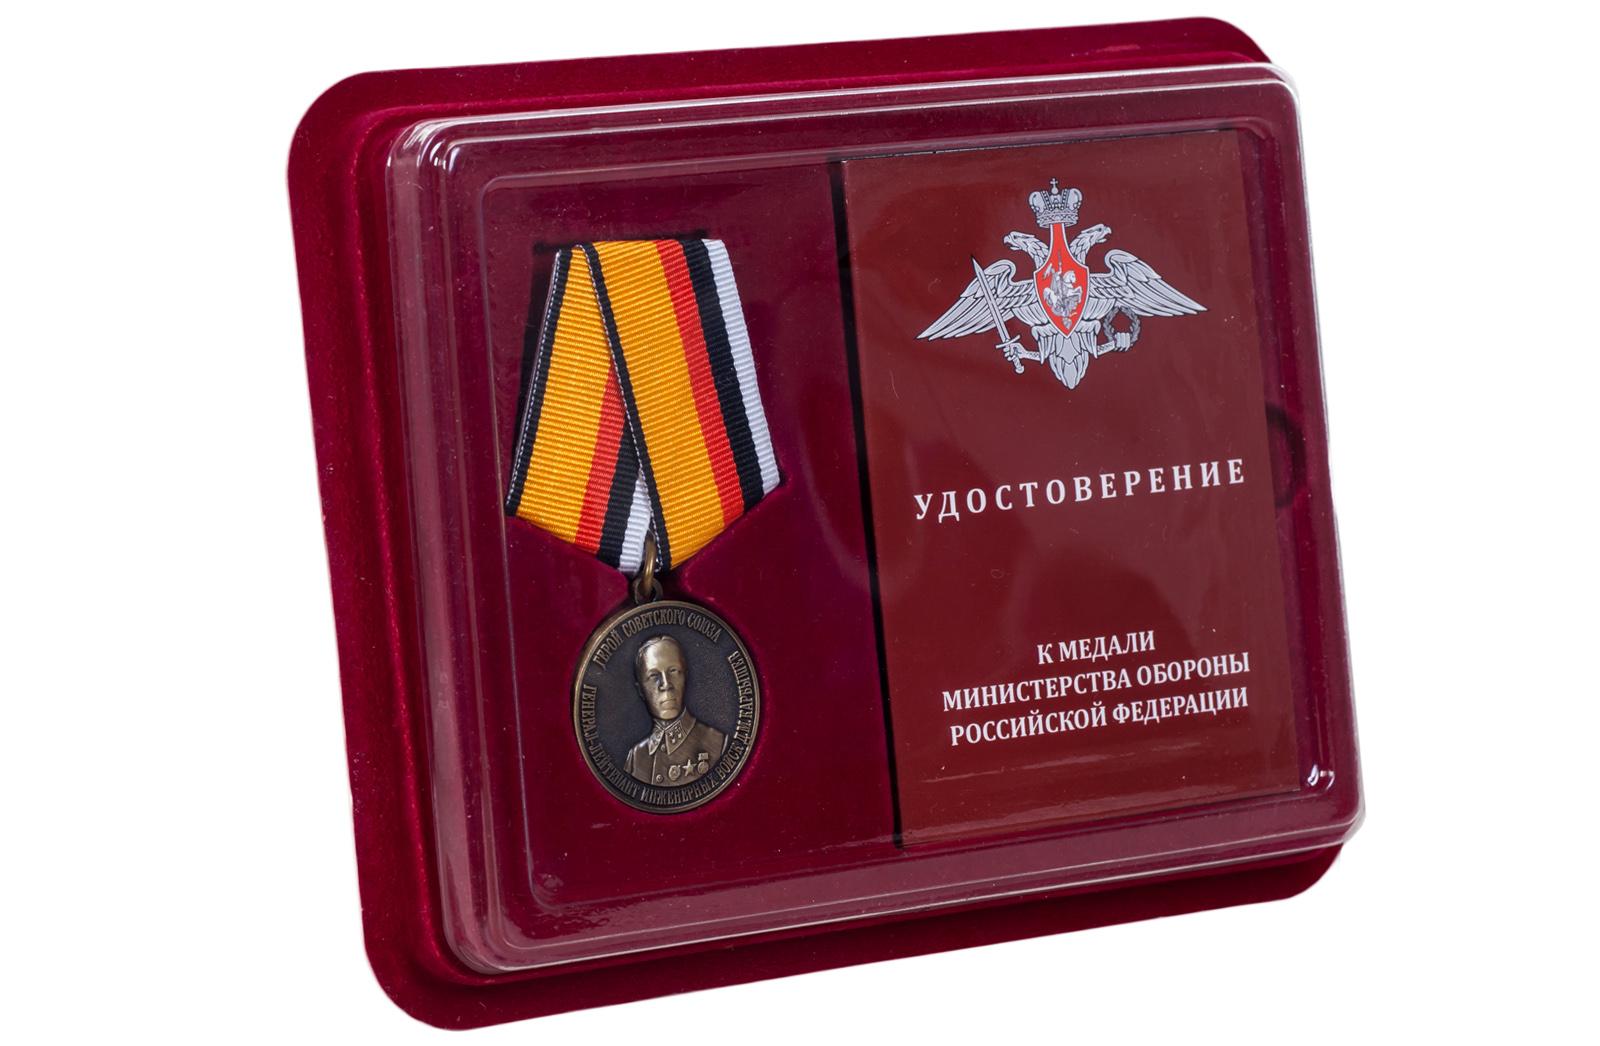 Купить памятную медаль Герой Советского Союза Генерал-лейтенант инженерных войск Карбышев Д.М. с доставкой